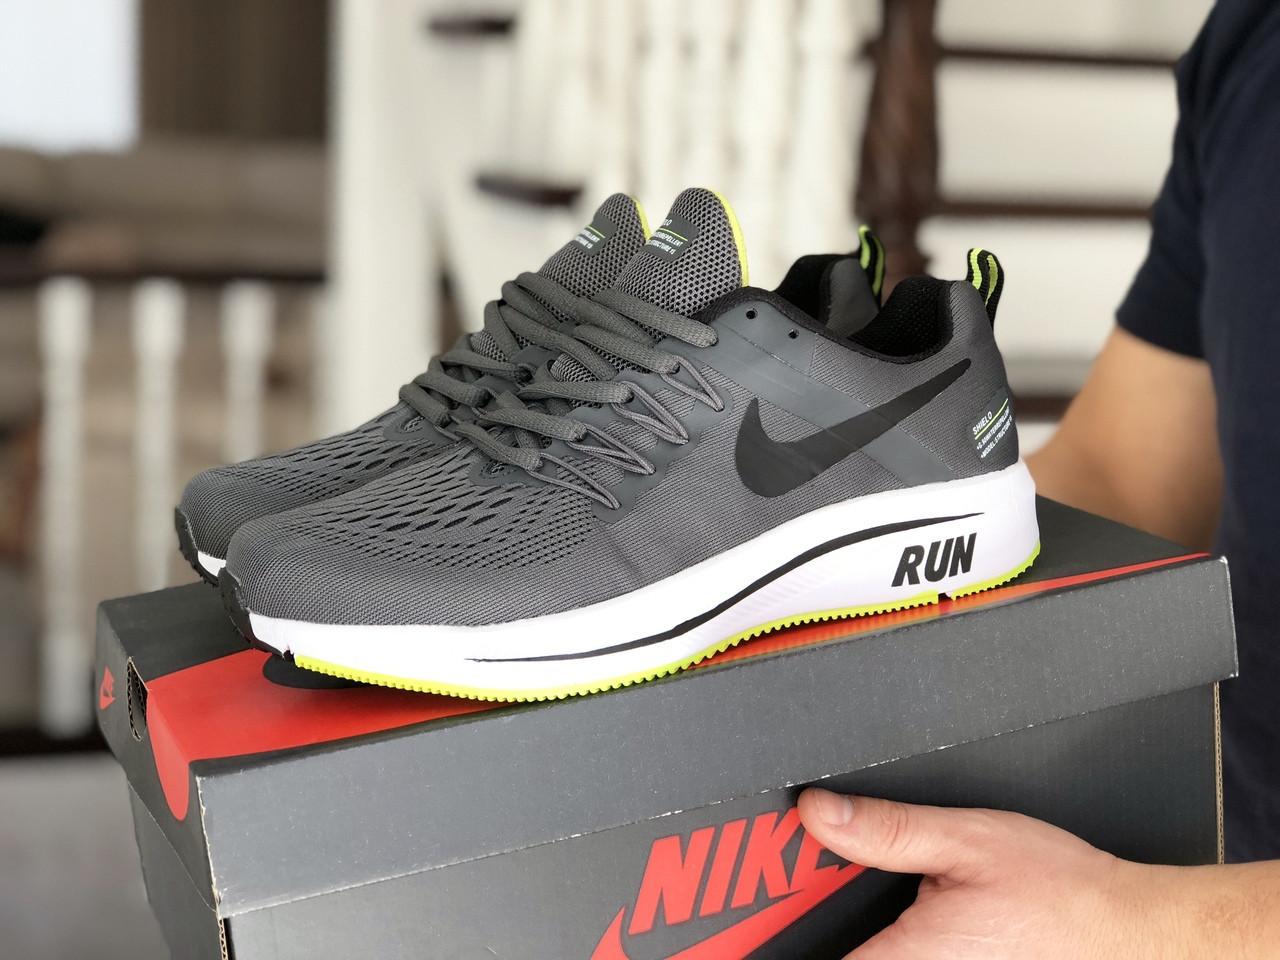 Чоловічі кросівки Nike Run shield (сіро-білі з салатовим) 9069